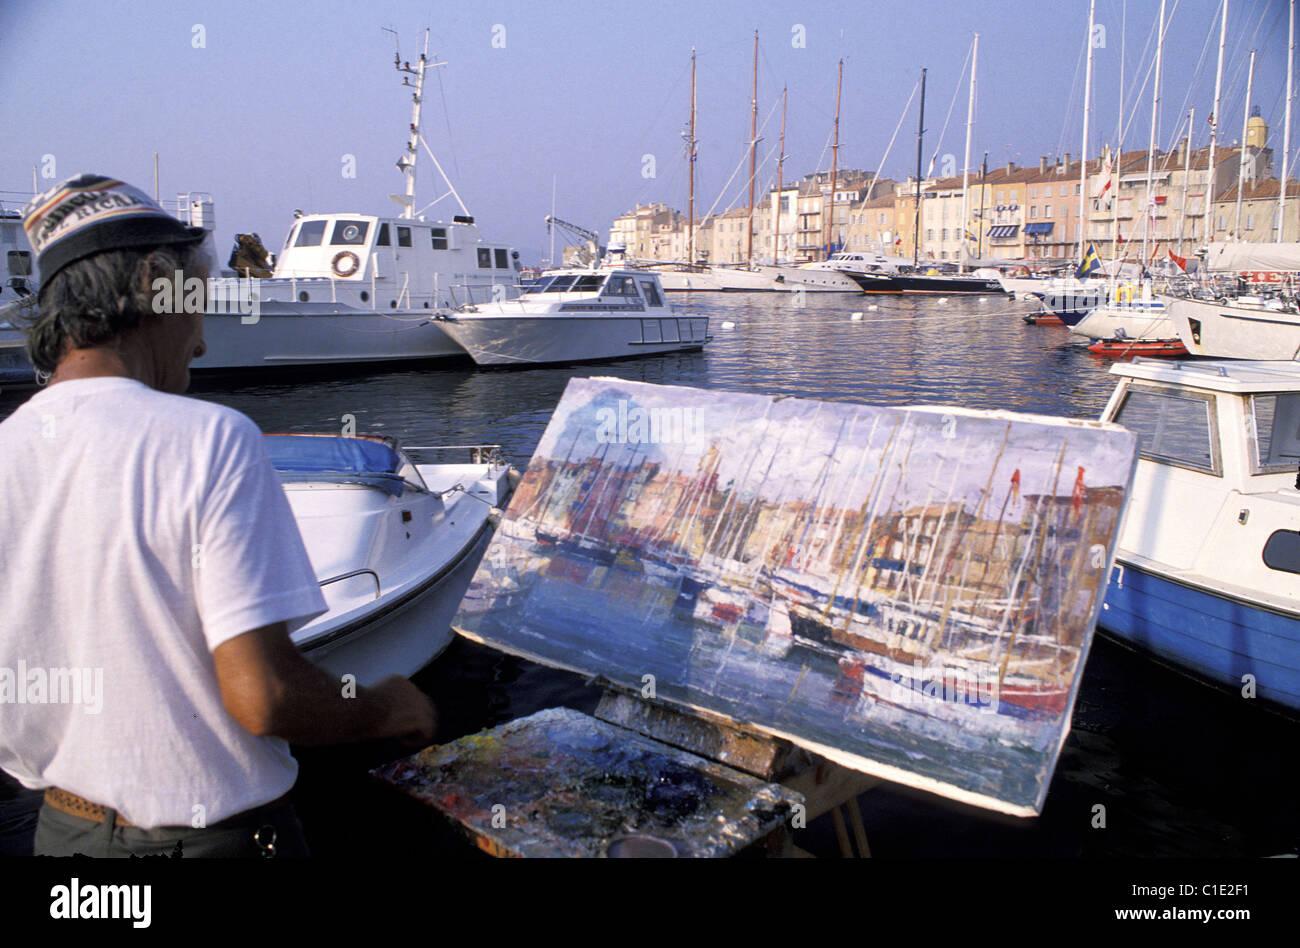 France, Var, Saint Tropez, spare time painter - Stock Image